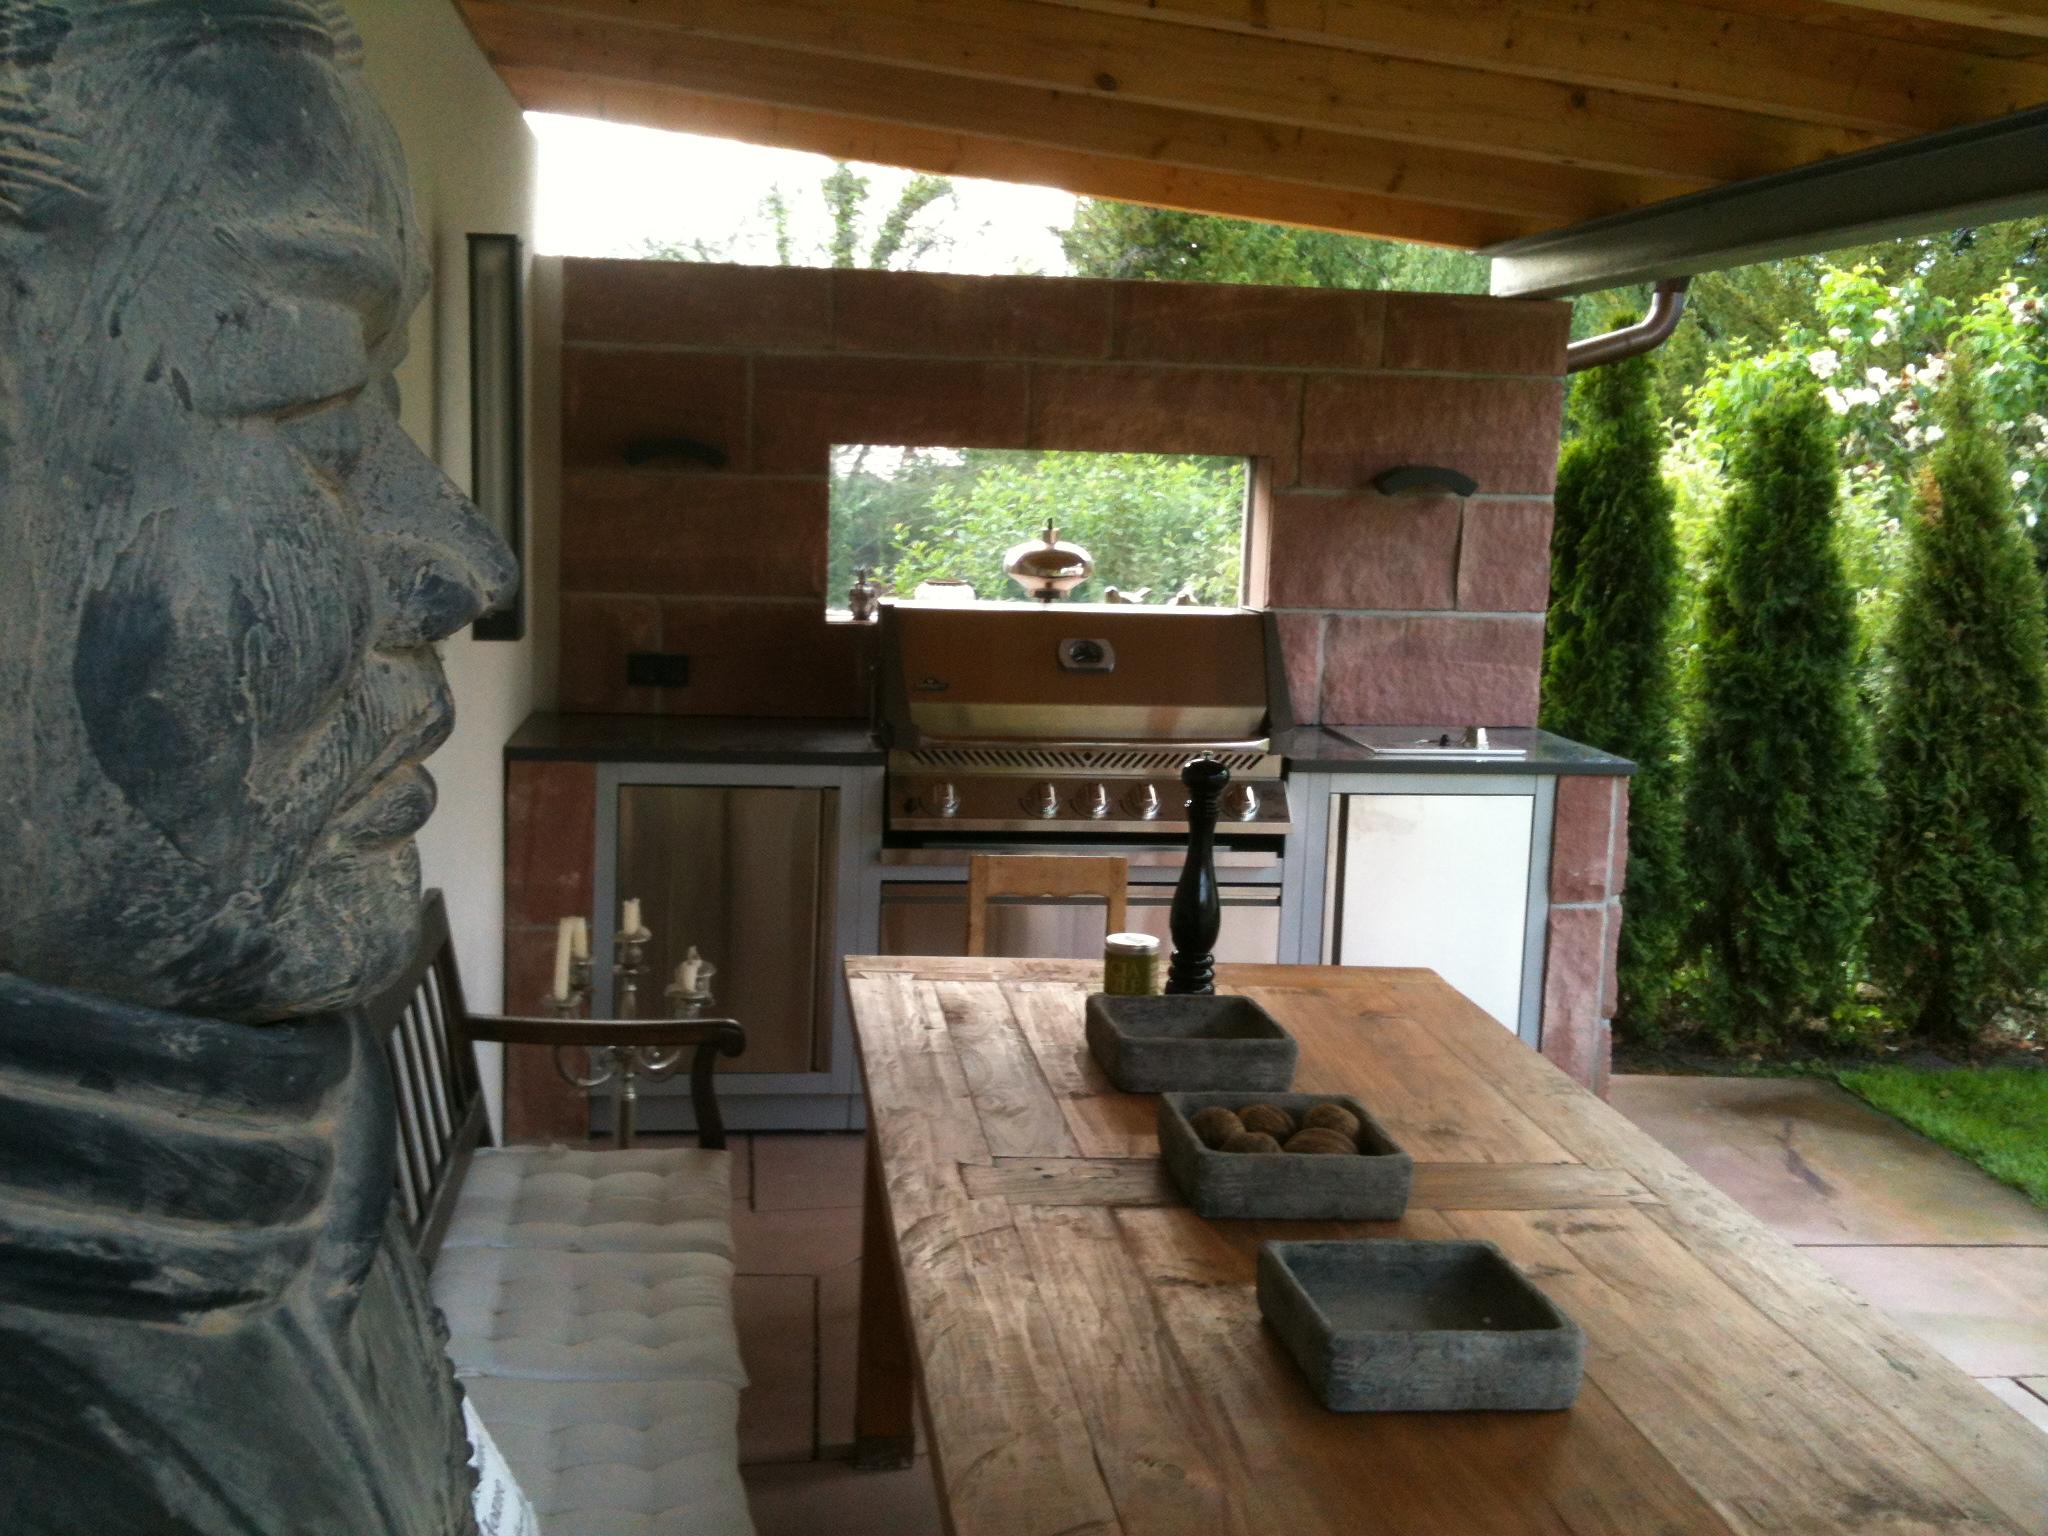 gartenküche mit dem oasis system von napoleon - grill news